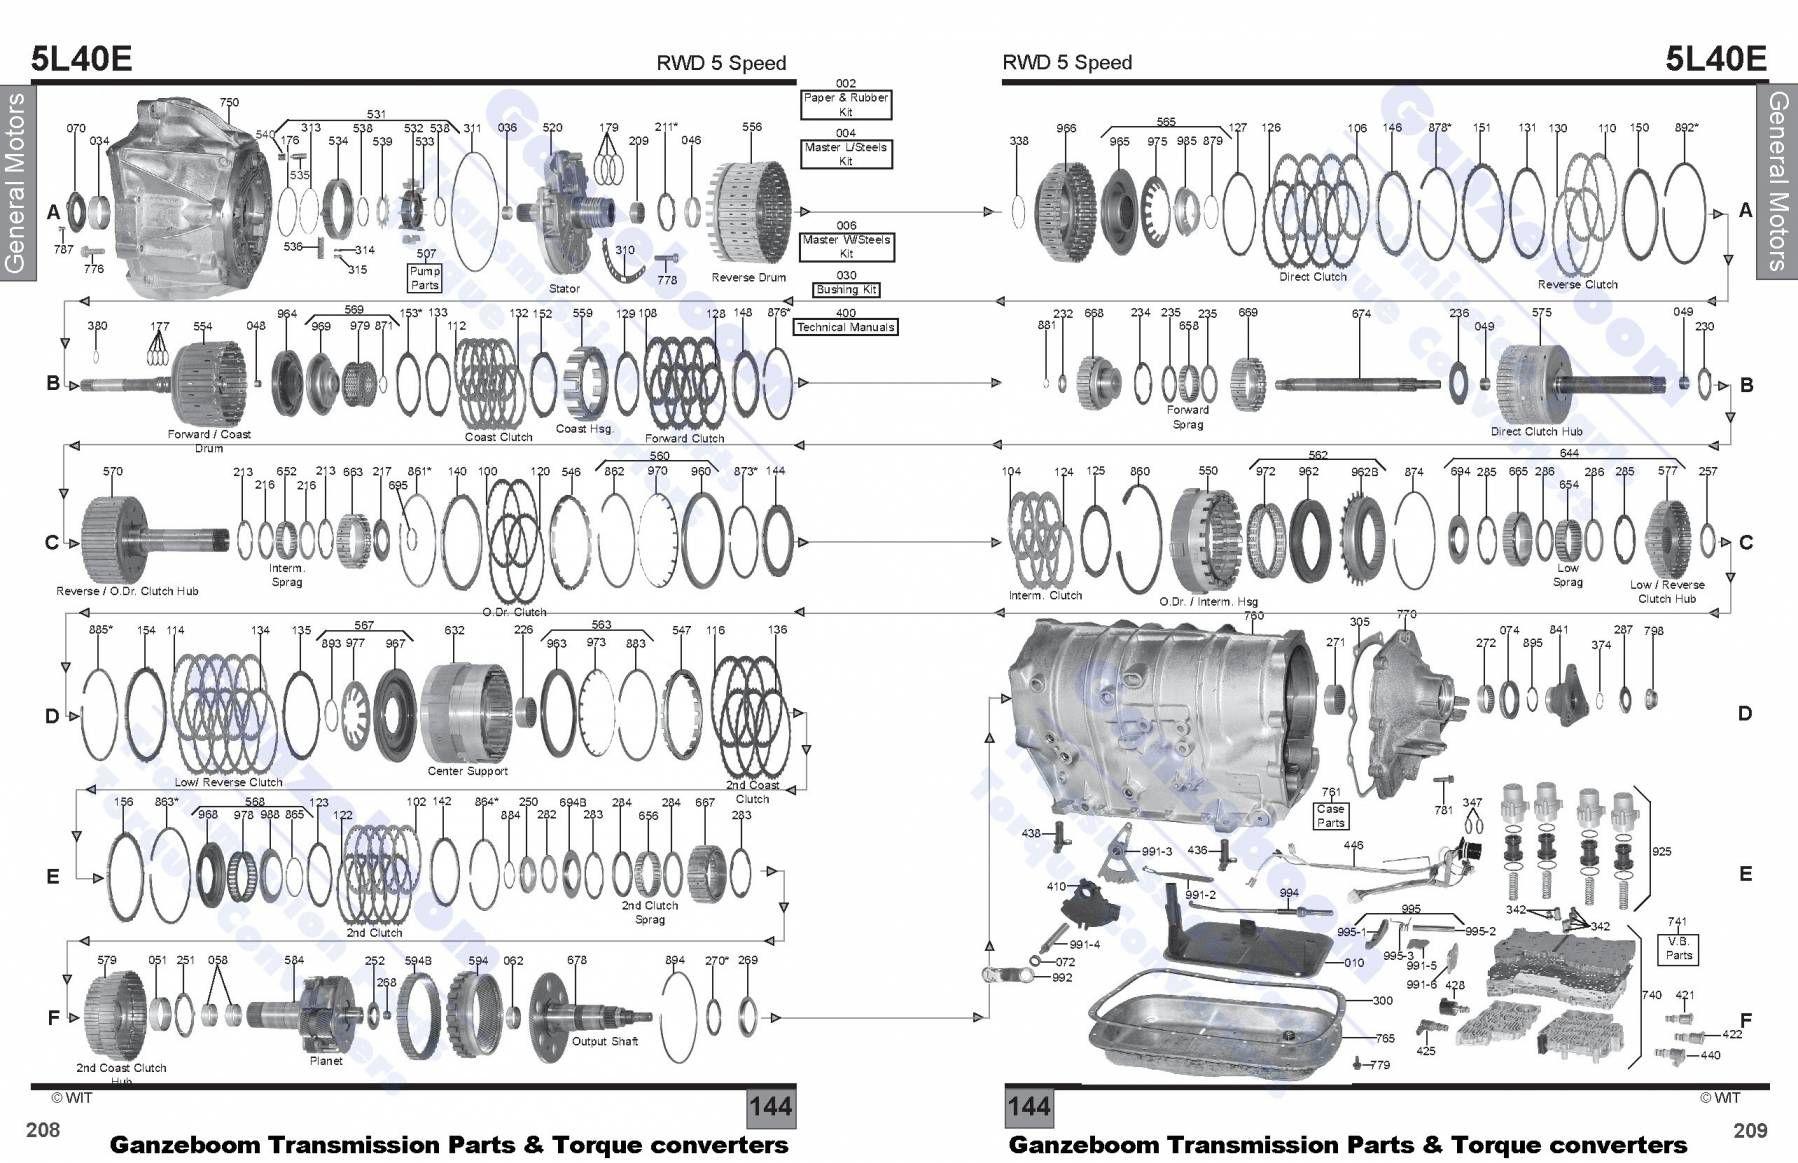 16 Kdc 152 Wiring Diagram Electrical Wiring Diagram Transmission Diagram